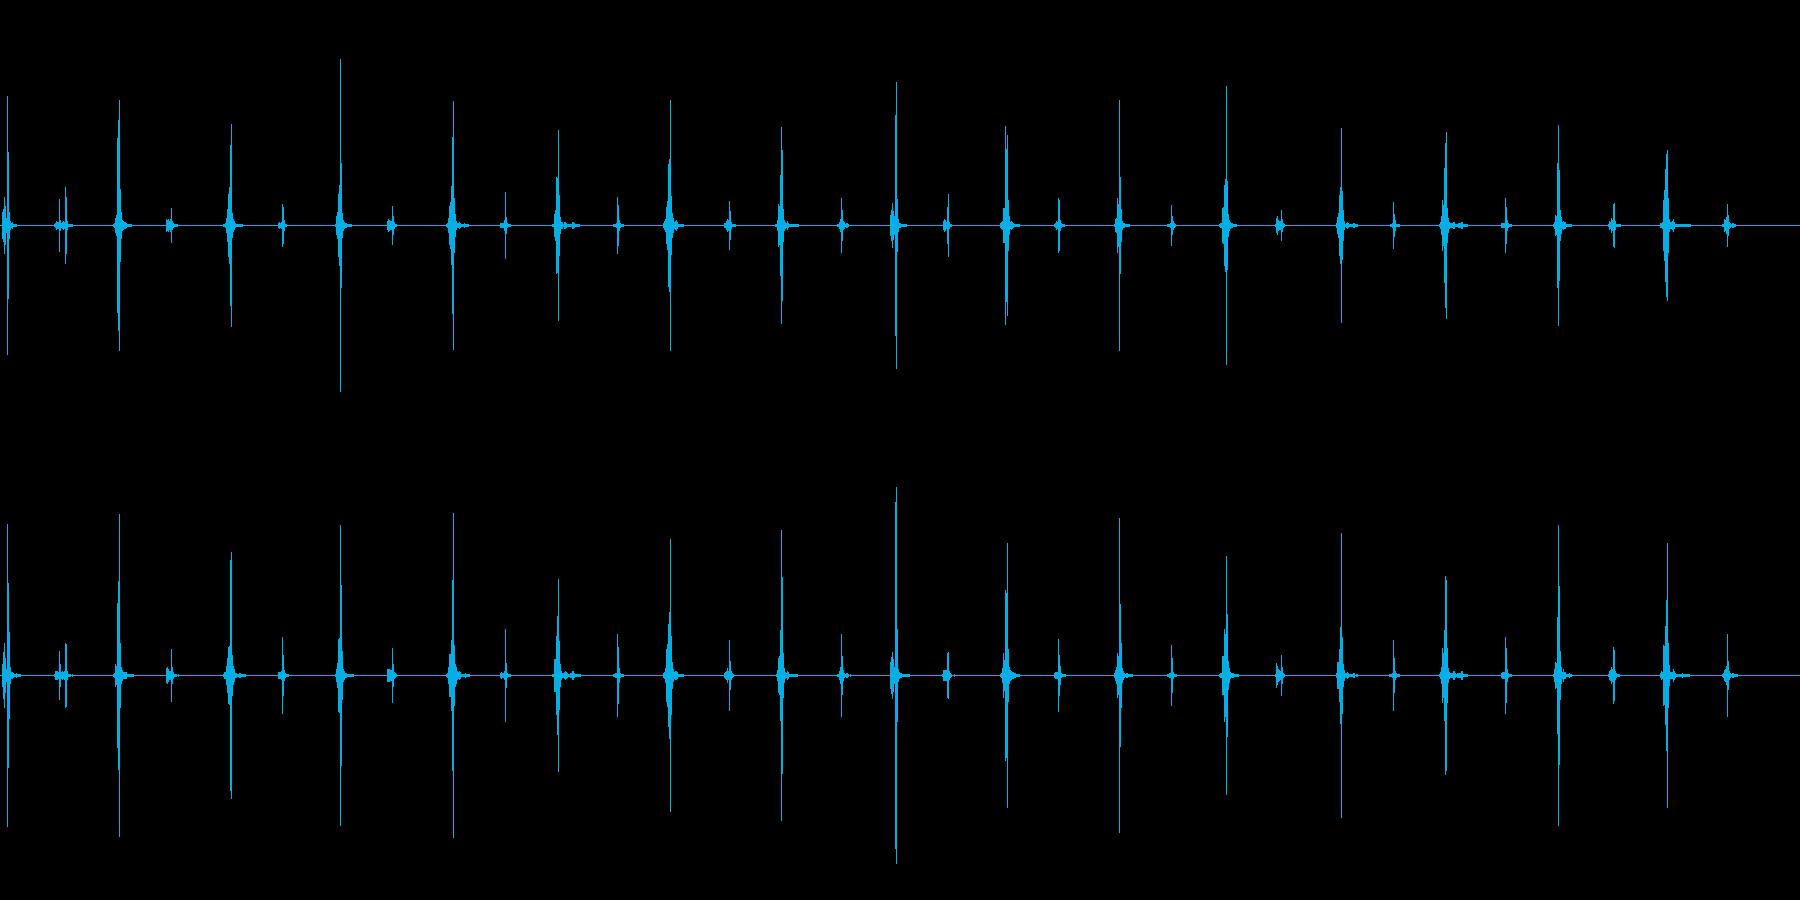 シンプルな時計 クロック音の再生済みの波形